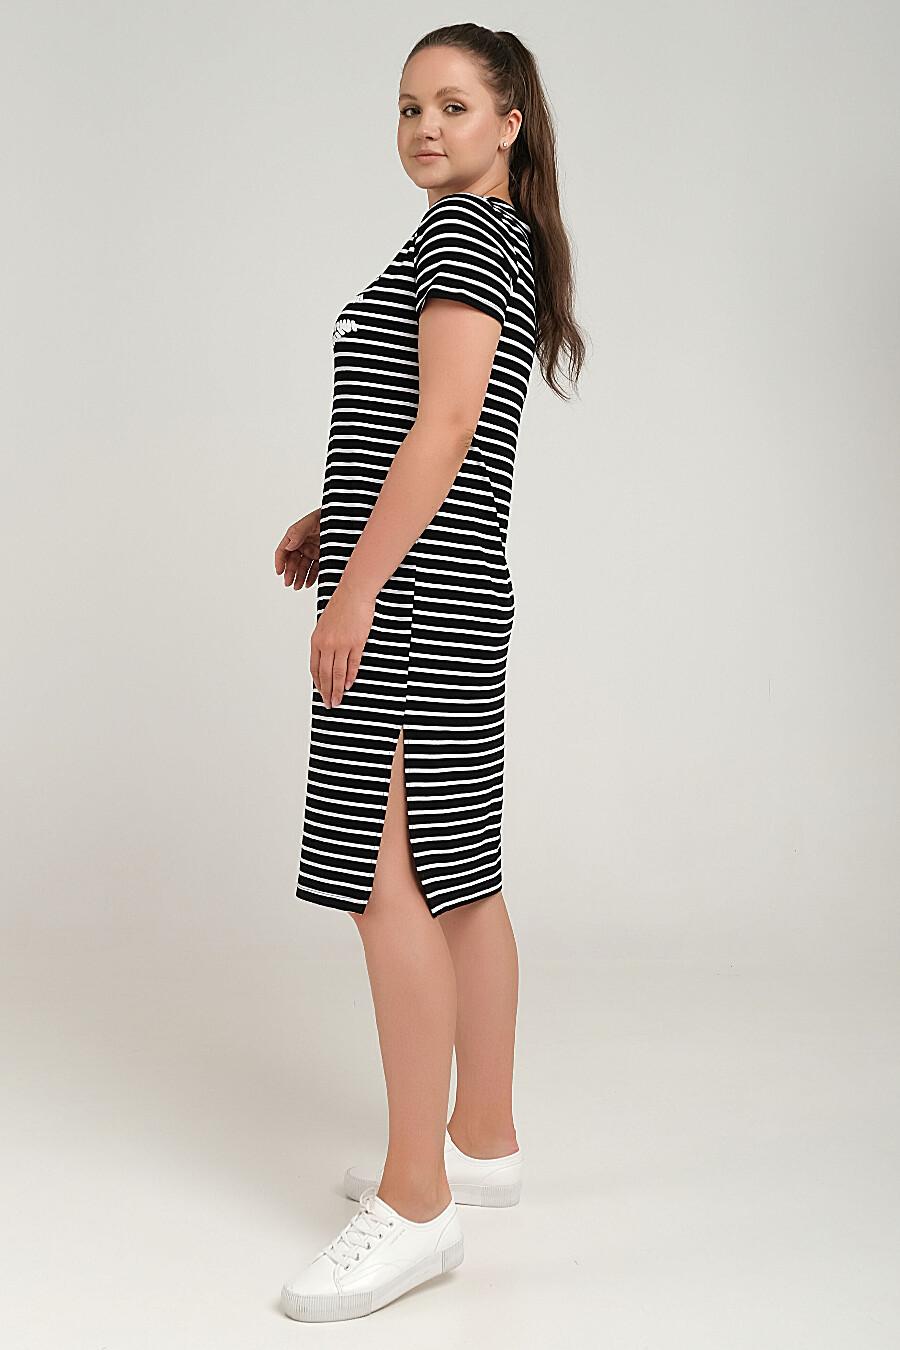 Платье ODEVAITE (665996), купить в Moyo.moda